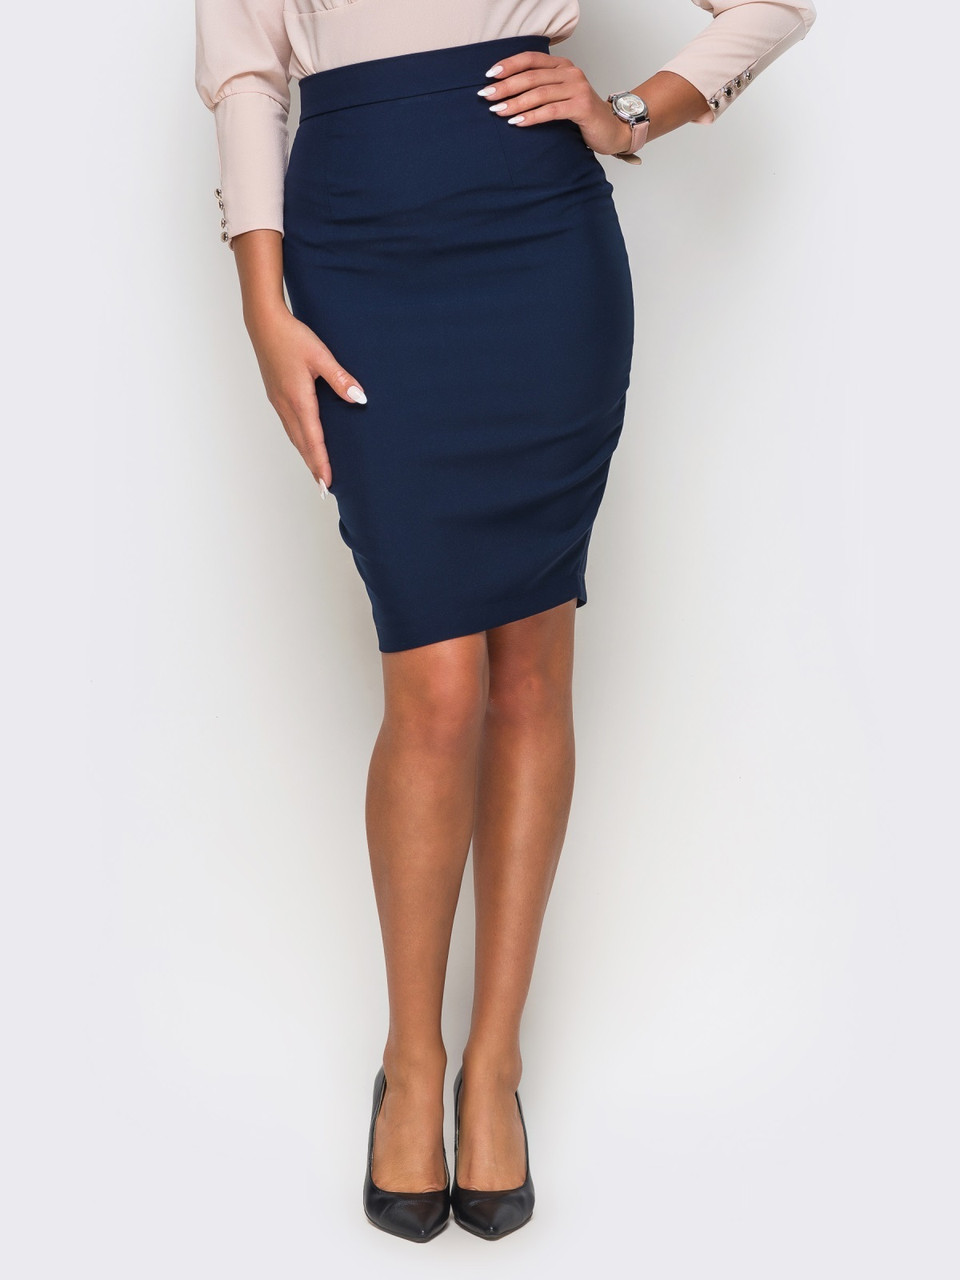 1bcc49c9074 Женская офисная деловая темно-синяя юбка р.42 - Интернет - магазин